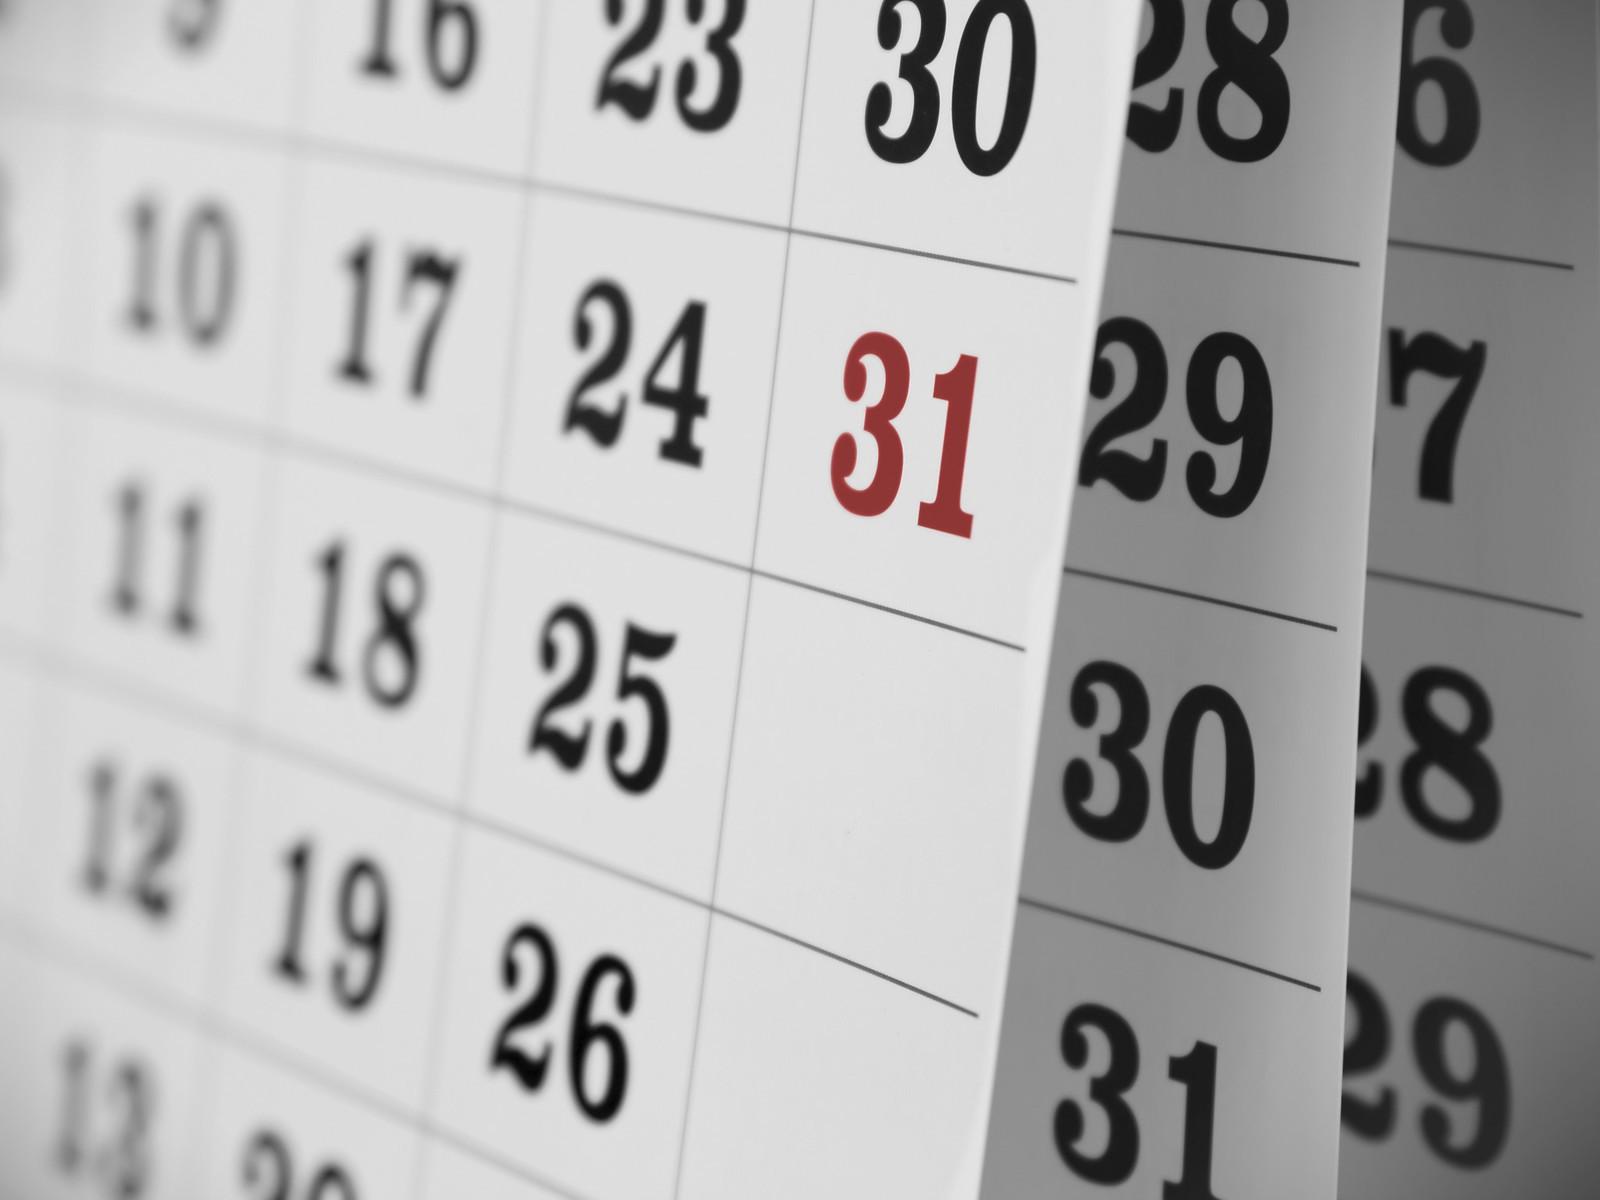 Artigo sobre a diferença entre as lentes de contacto (diárias, semanais, mensais ou anuais) disponibilizado por Interlentes